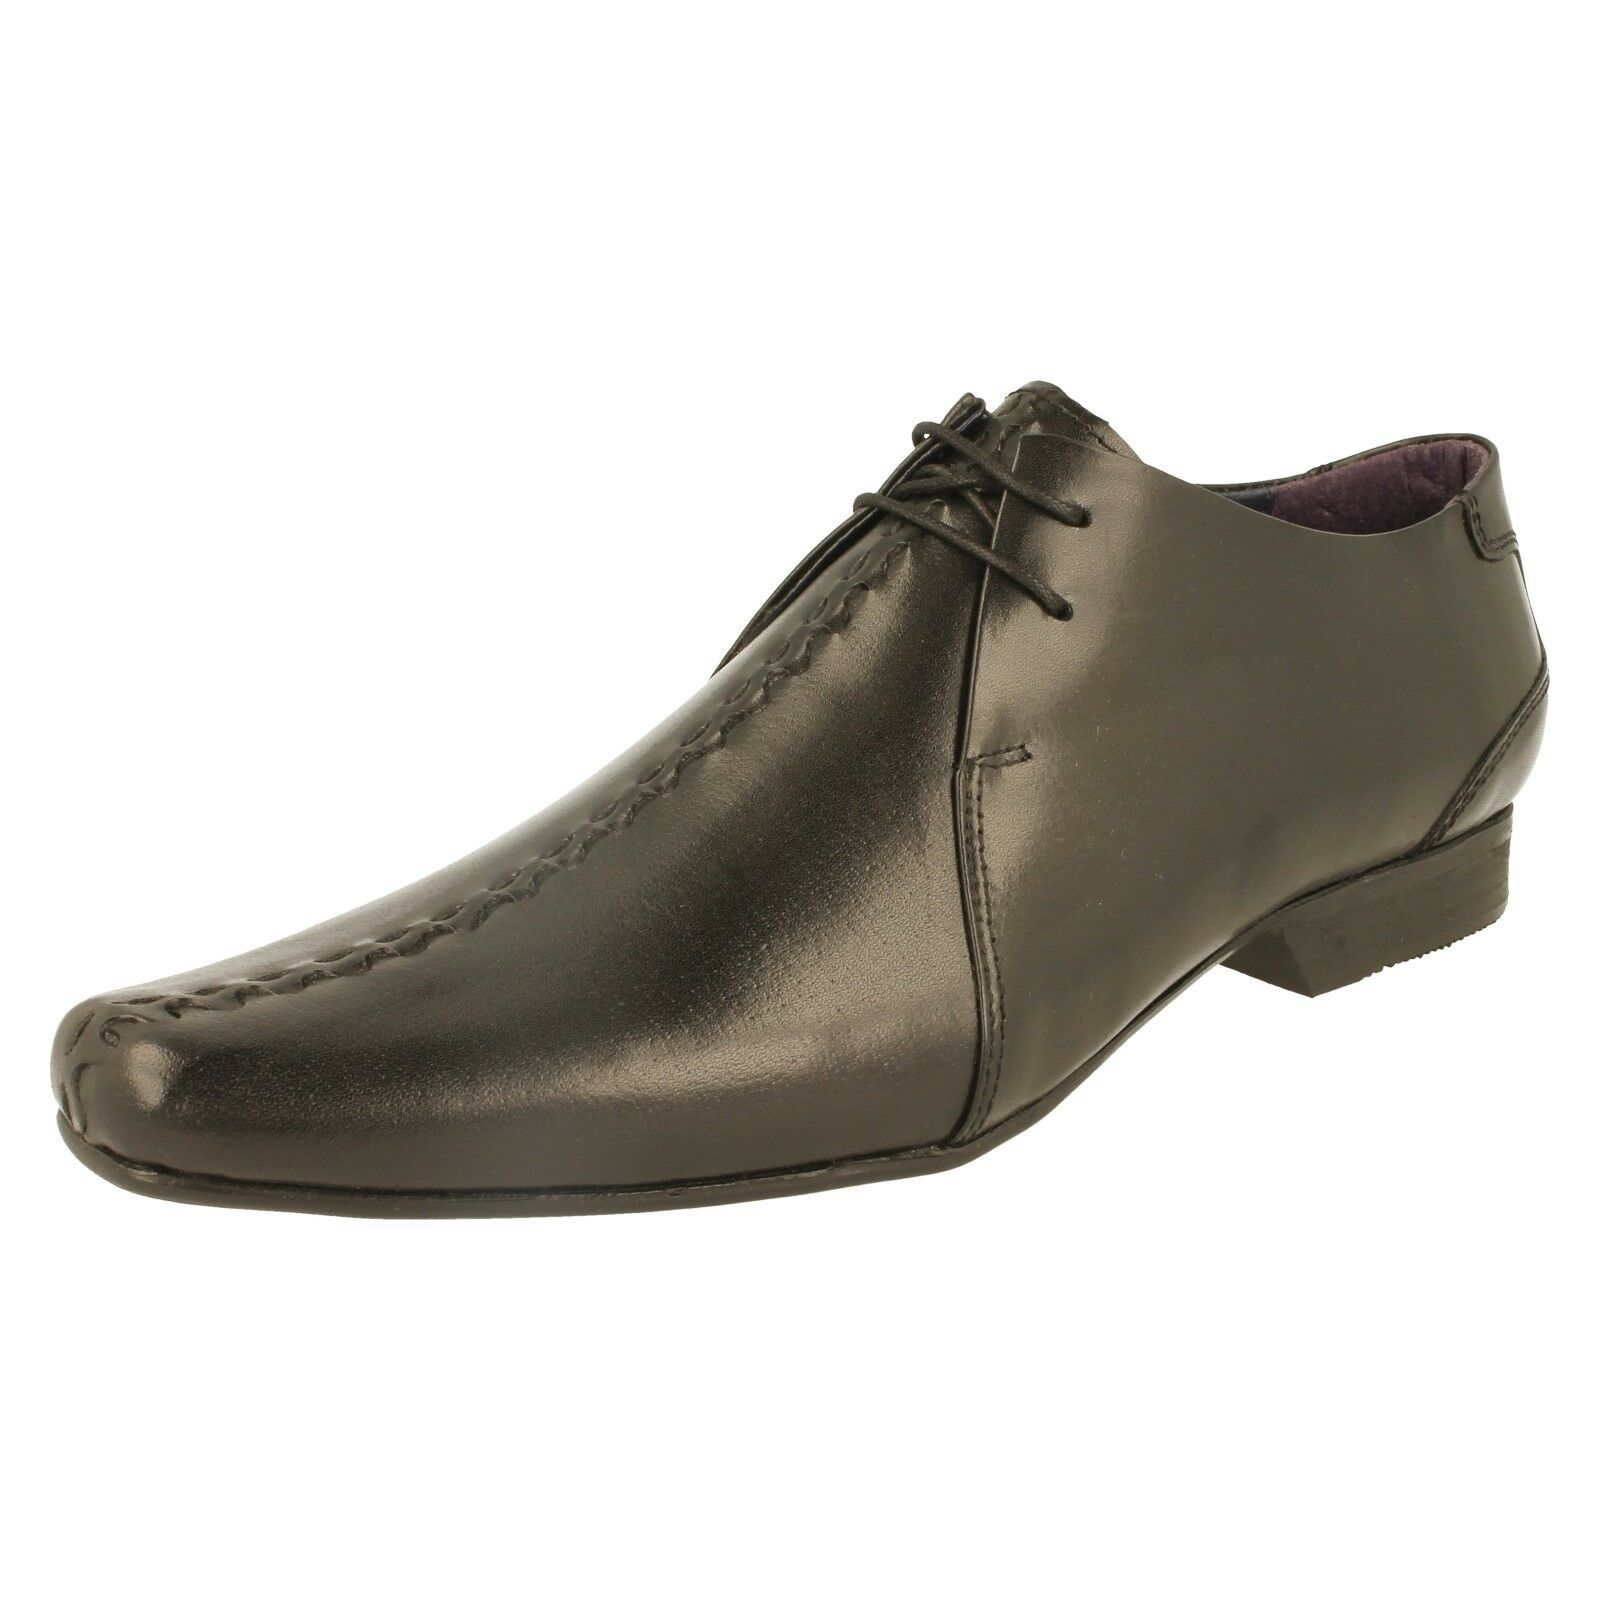 Hombre Zapatos PSL Elegante Zapatos Hombre de cuero - toecapb 439b73